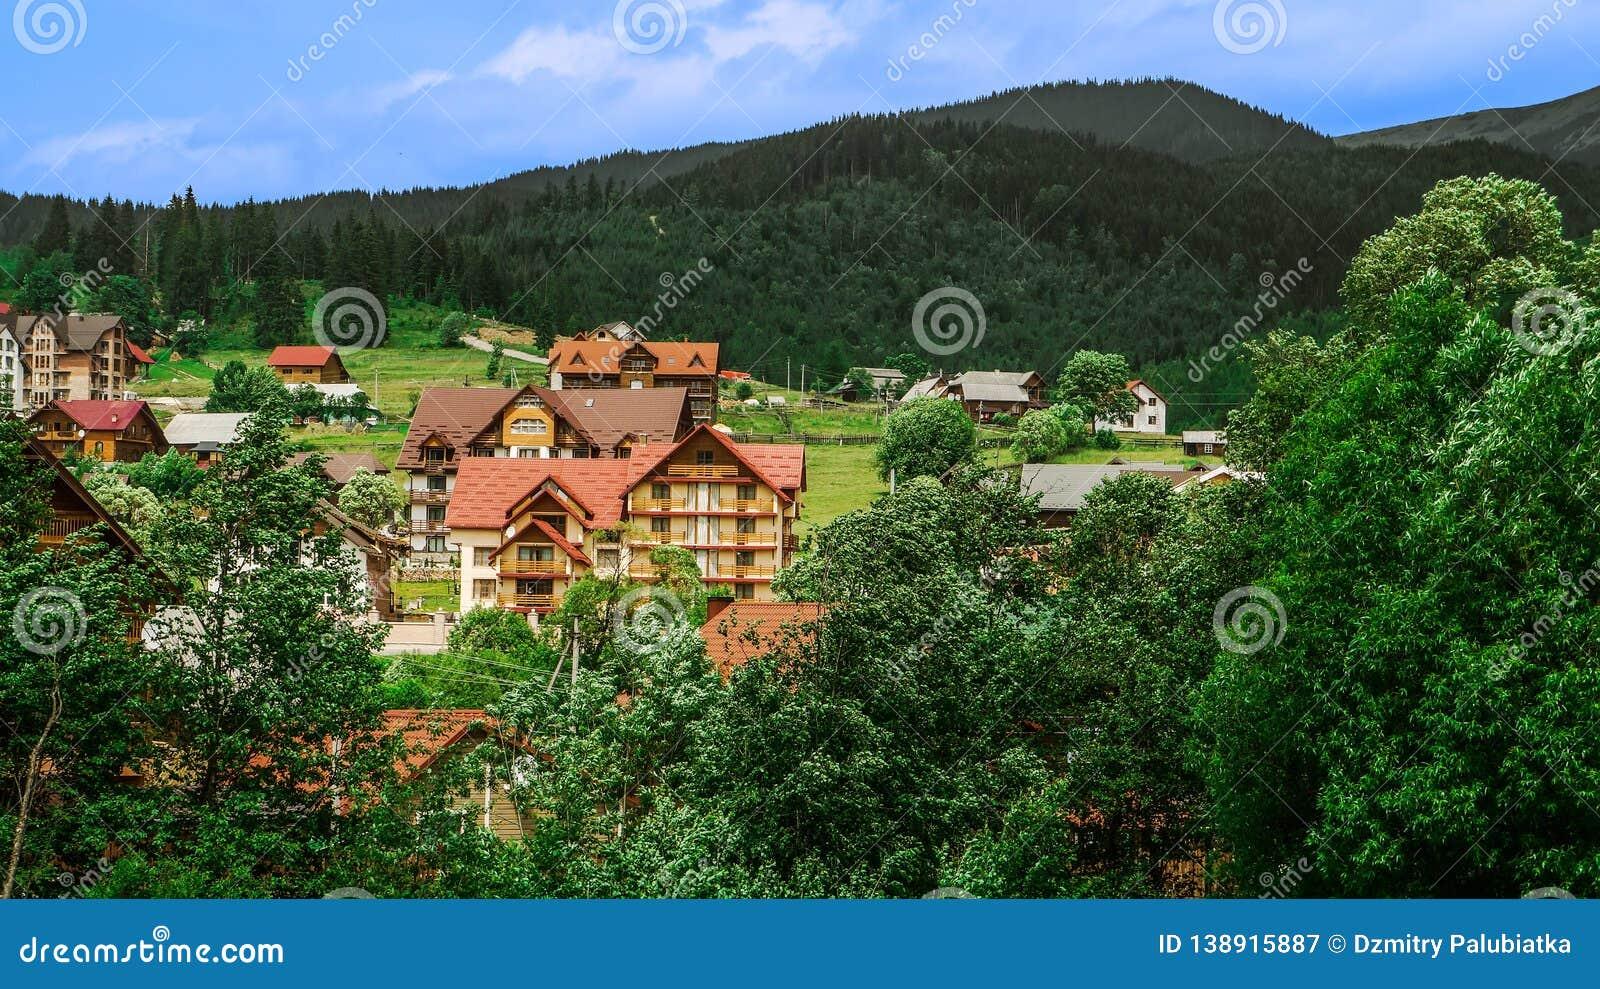 Schöne Landschaft, Reisfeldherbst nahe dem Dorf in den Bergen, ukrainische Karpatenberge